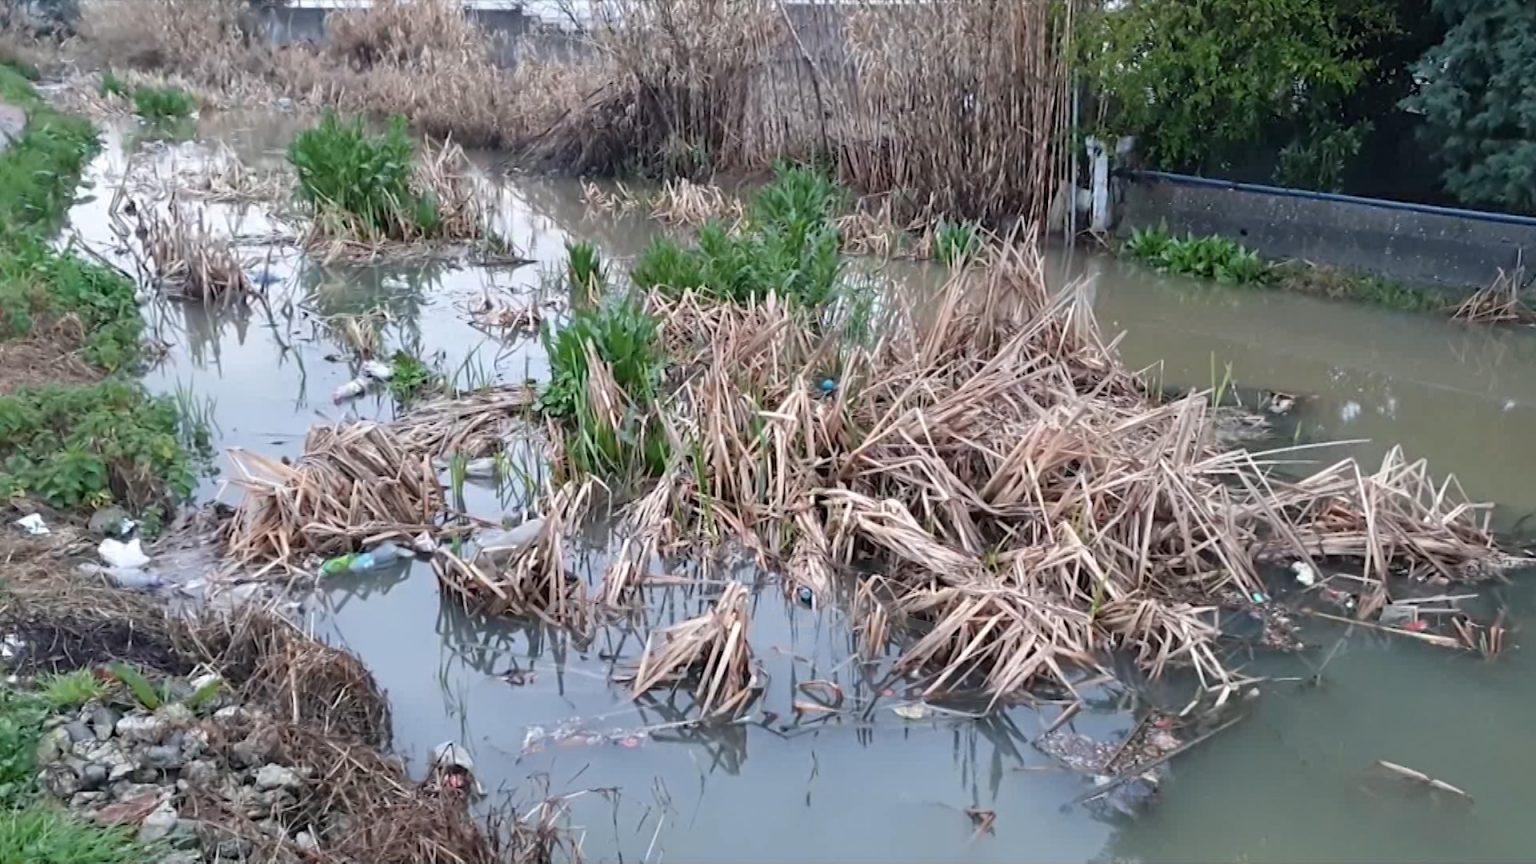 Kanali i ujërave të zeza burim infeksioni, romët në protestë: I kemi thënë Bashkisë, por nuk vijnë